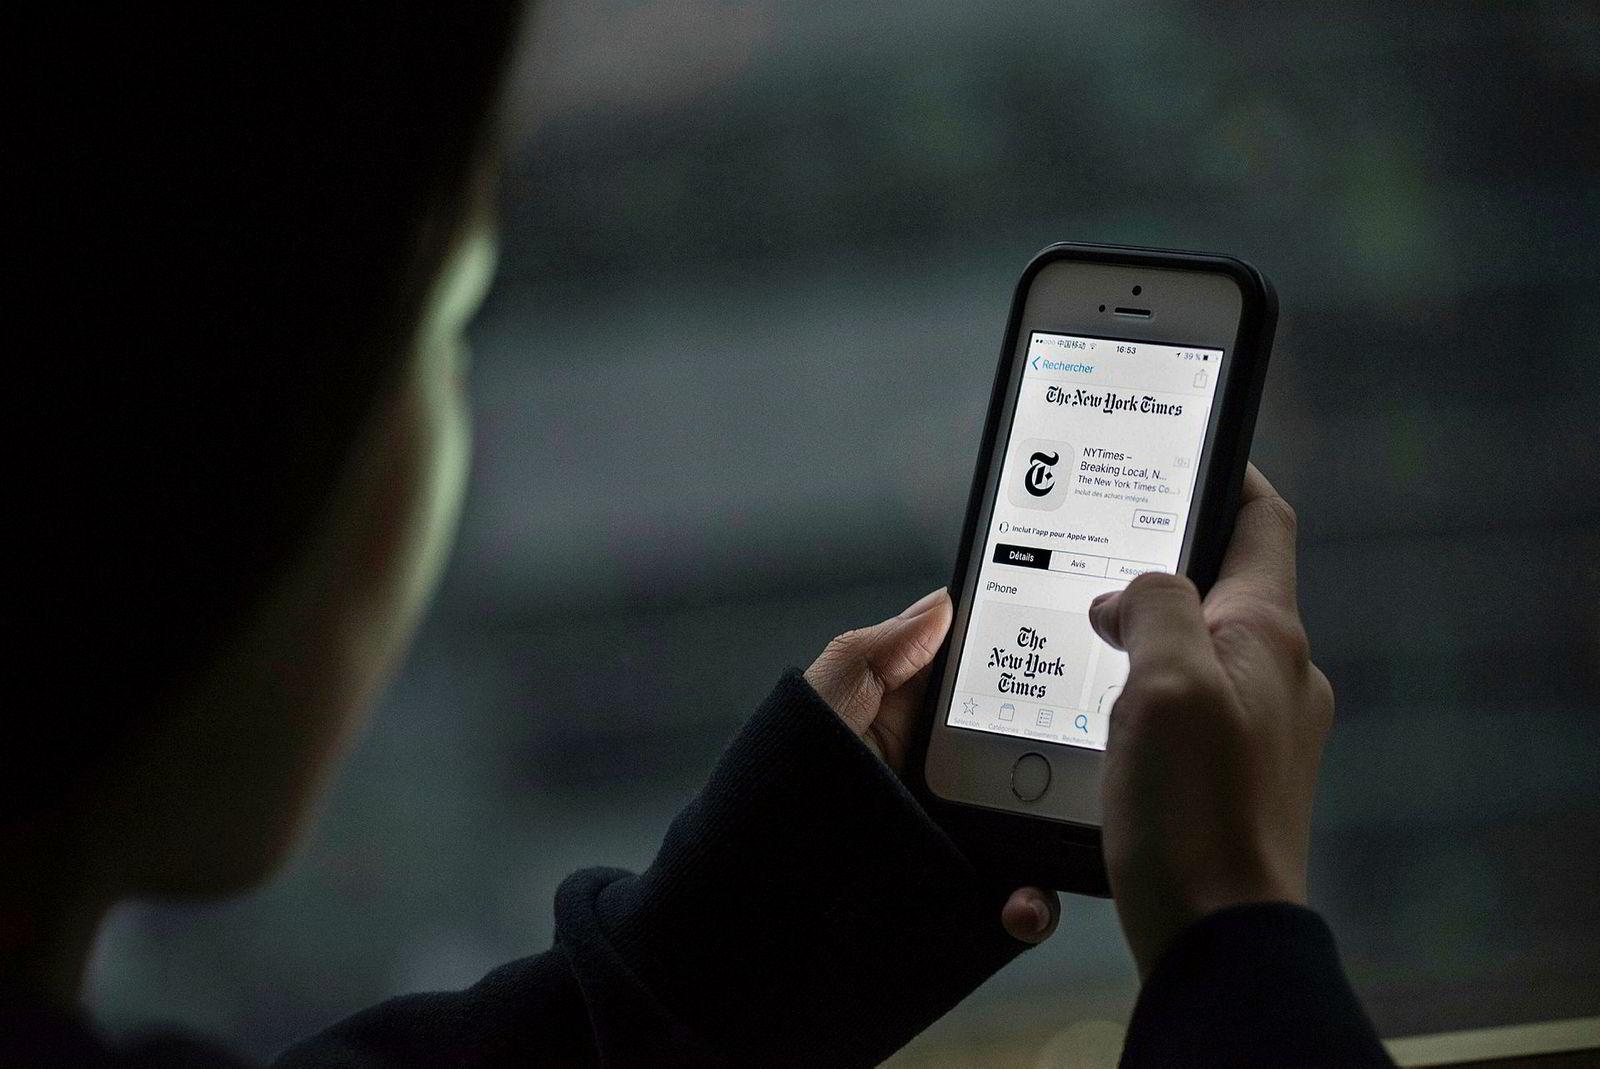 Den kinesiske staten ønsker full kontroll over digitalt innhold. Denne uken var blant annet New York Times sperret for kinesiske nettbrukere.